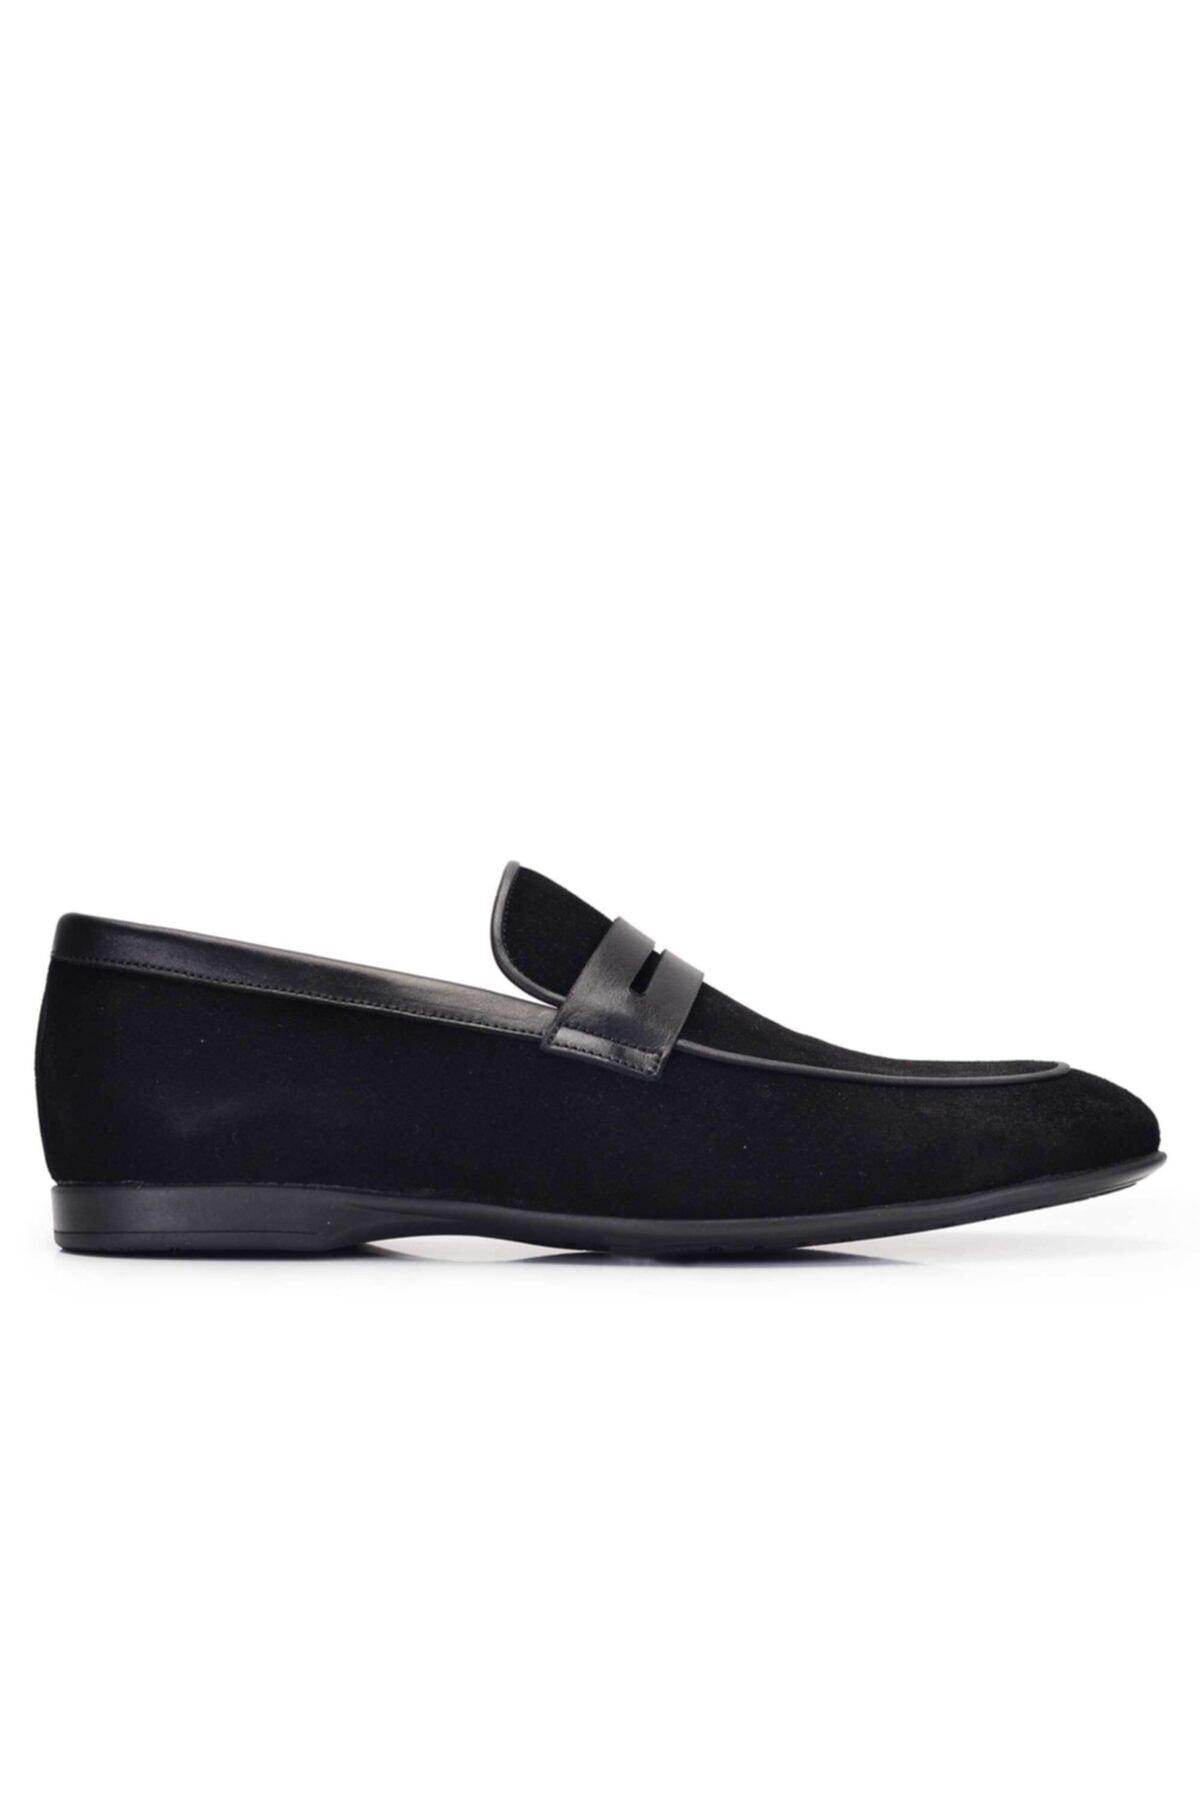 Nevzat Onay Hakiki Deri Siyah Günlük Loafer Yazlık Erkek Ayakkabı -11581- 1